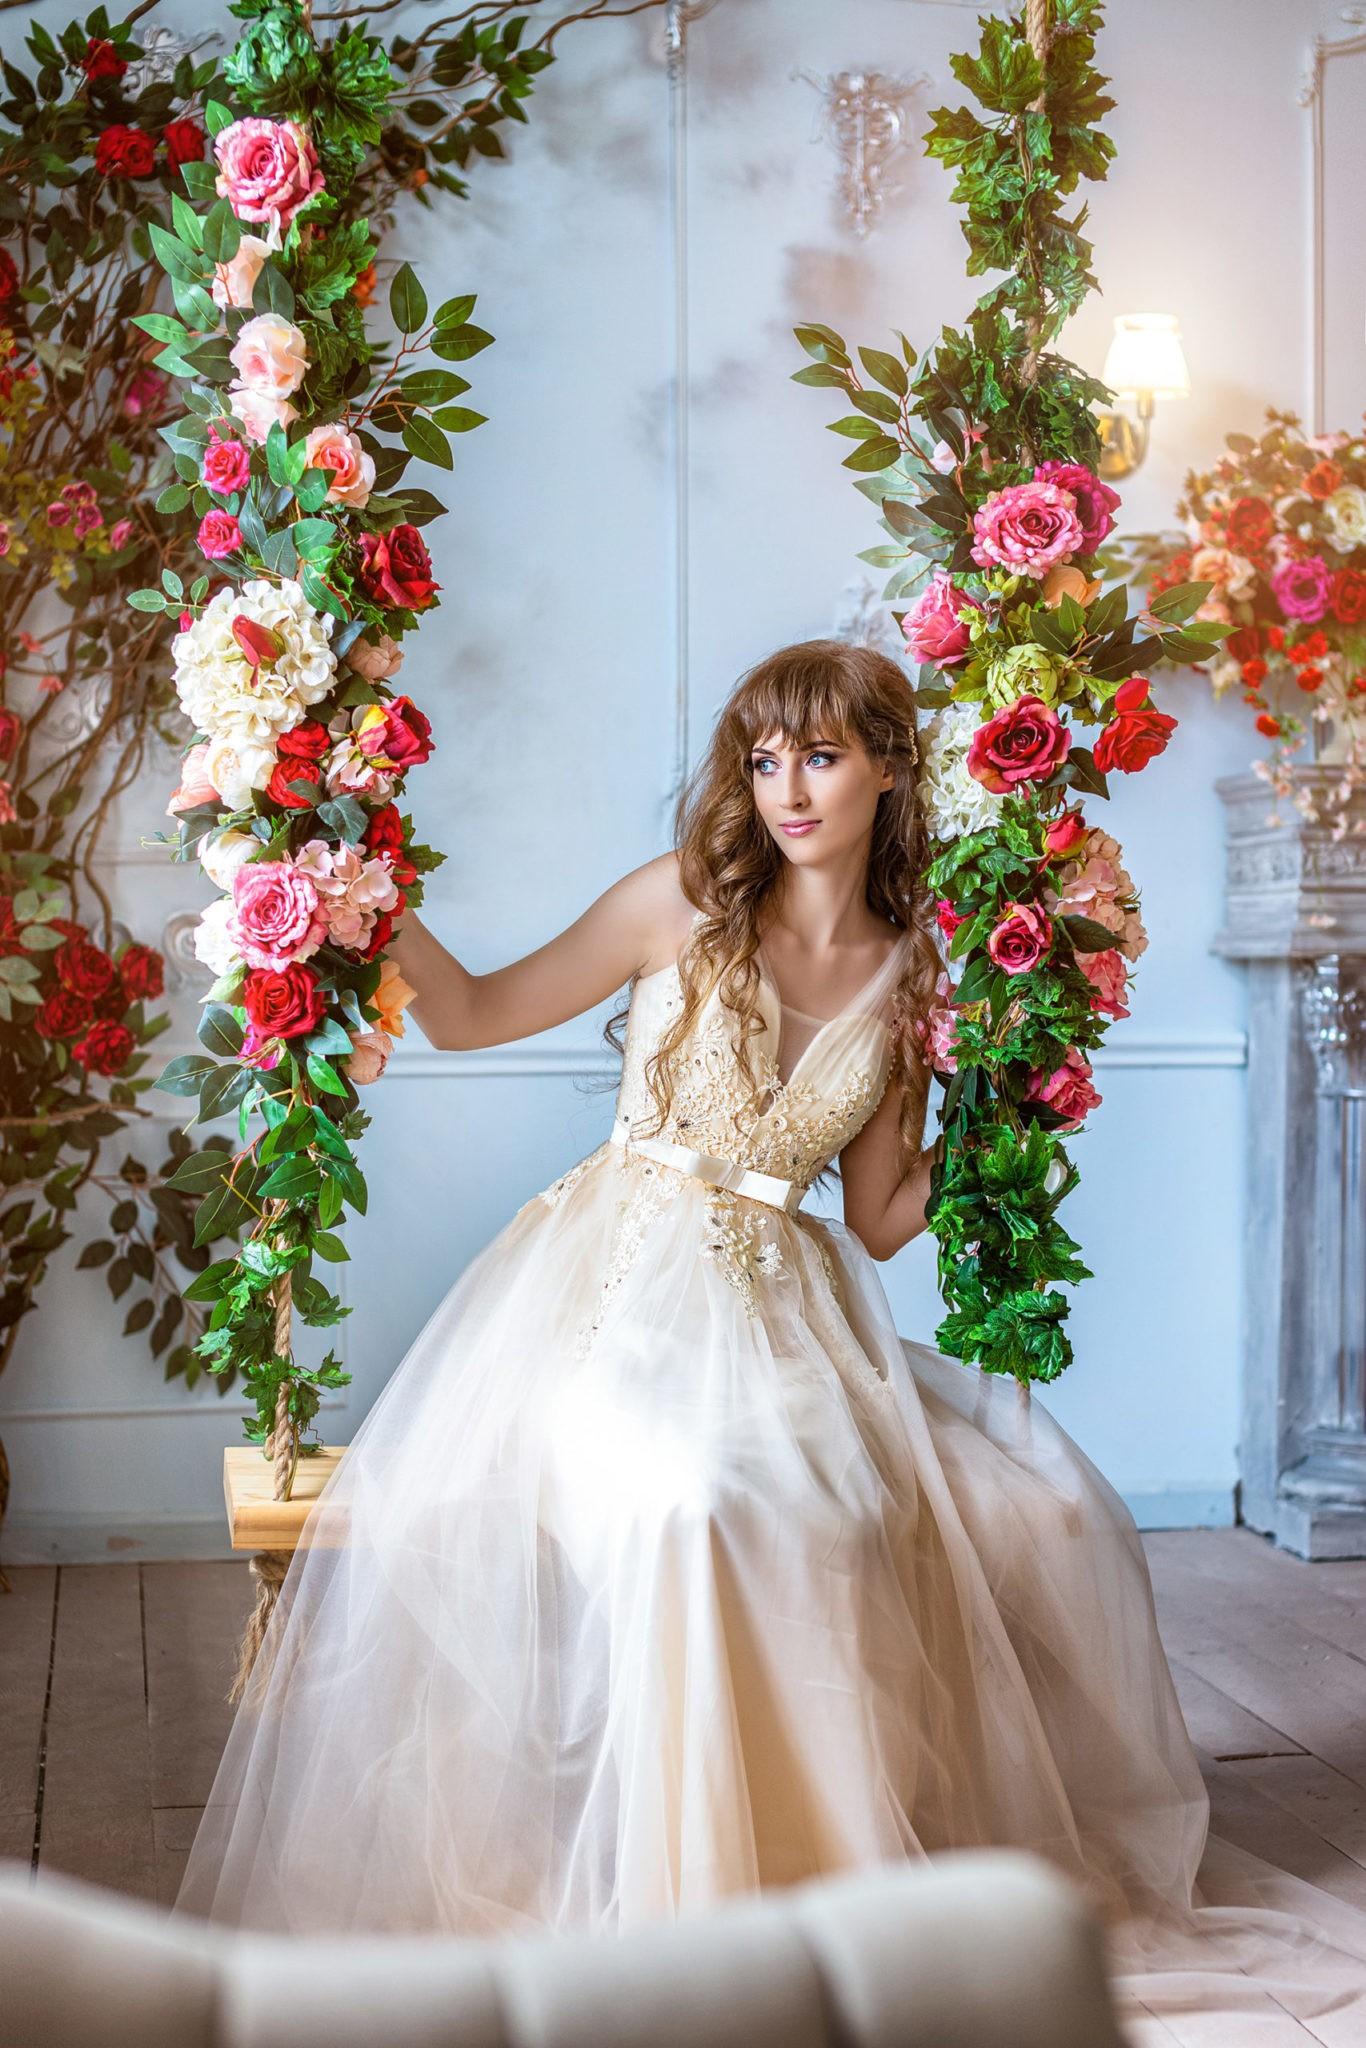 Свадебная фотосъемка от свадебного фотографа в интерьерной студии Краснодар